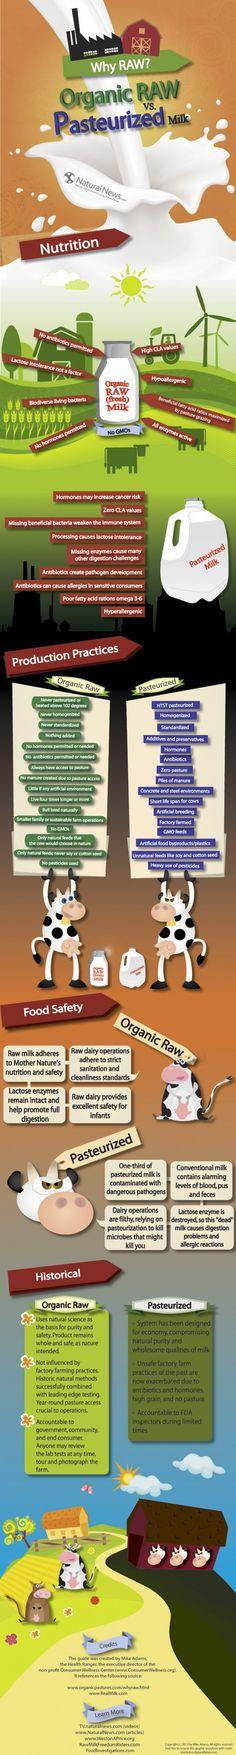 Raw Milk vs. Pasteurized Milk Infographic